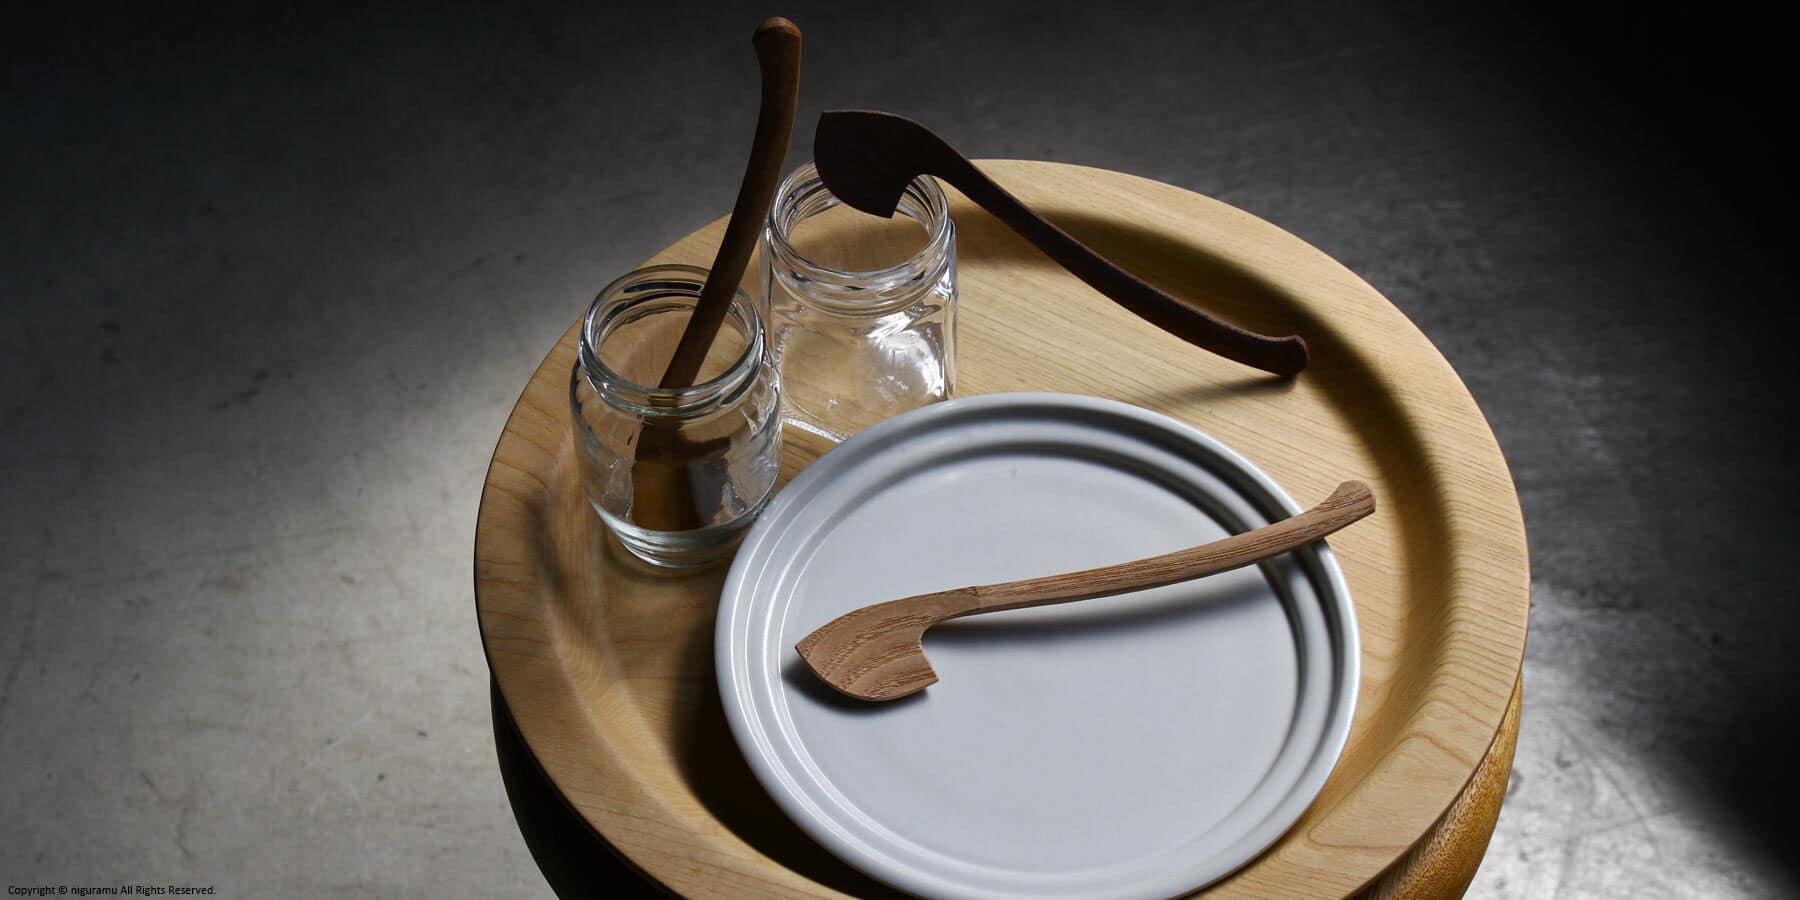 Wooden Jam spoon